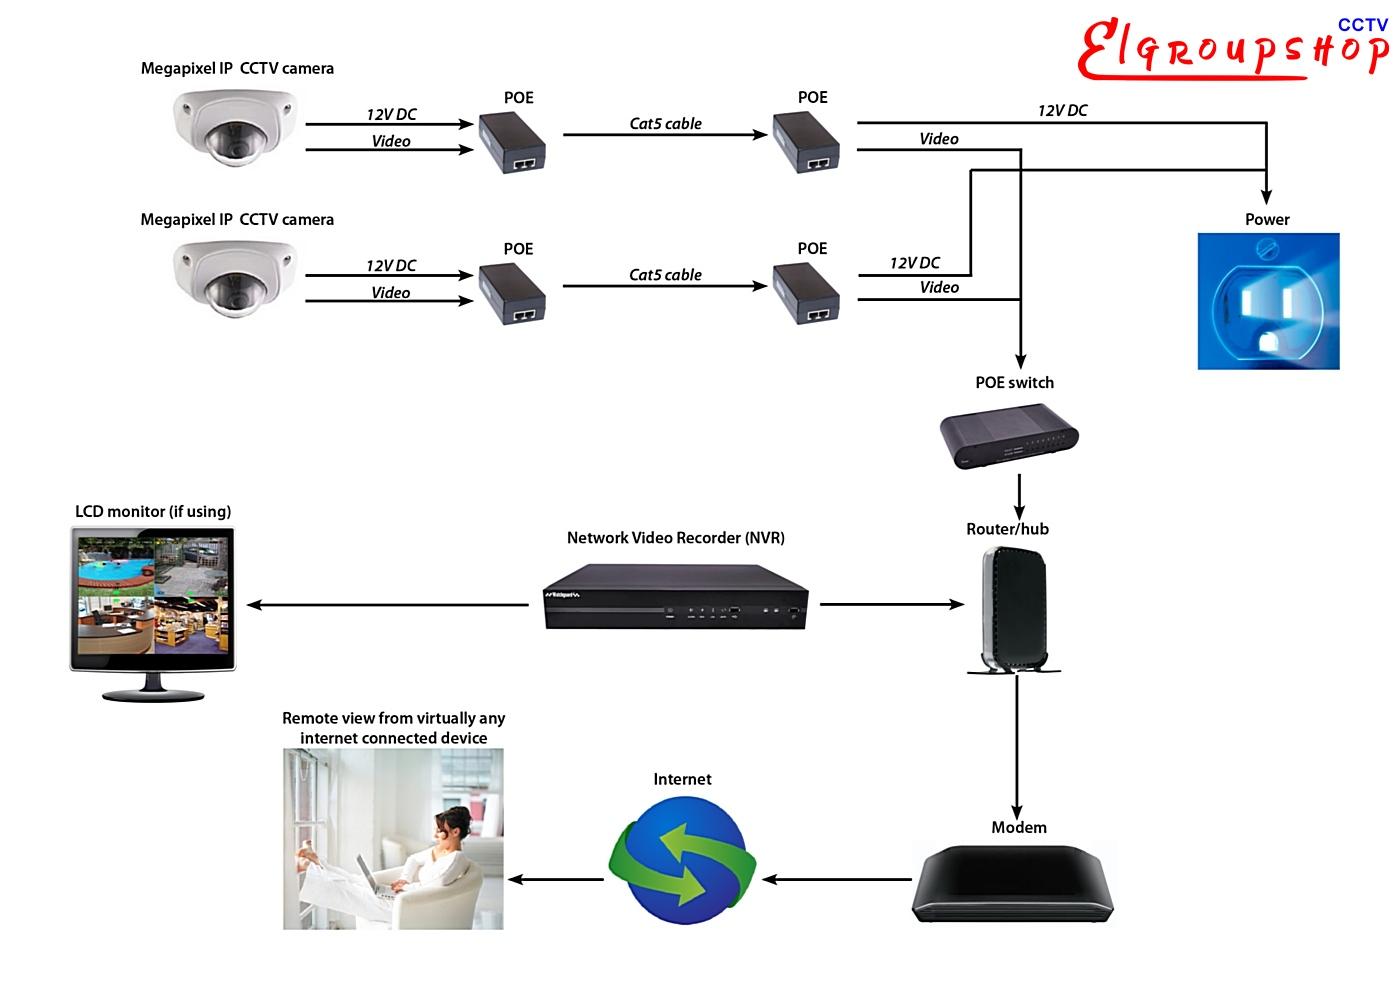 IP CCTV Systems - ElgroupShop.EU